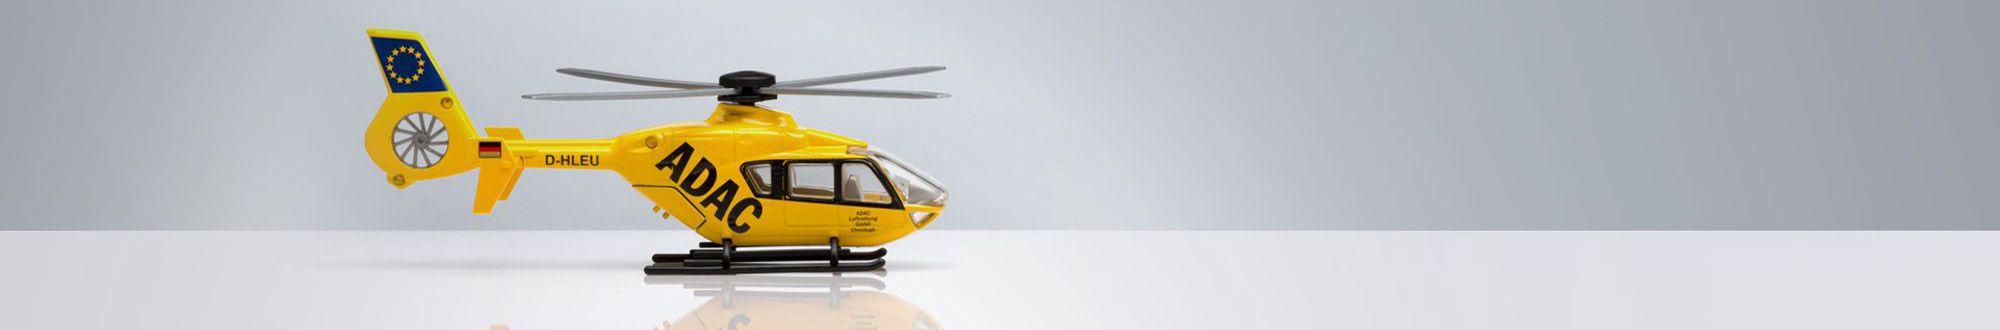 ADAC-Hubschrauber auf grauem Grund